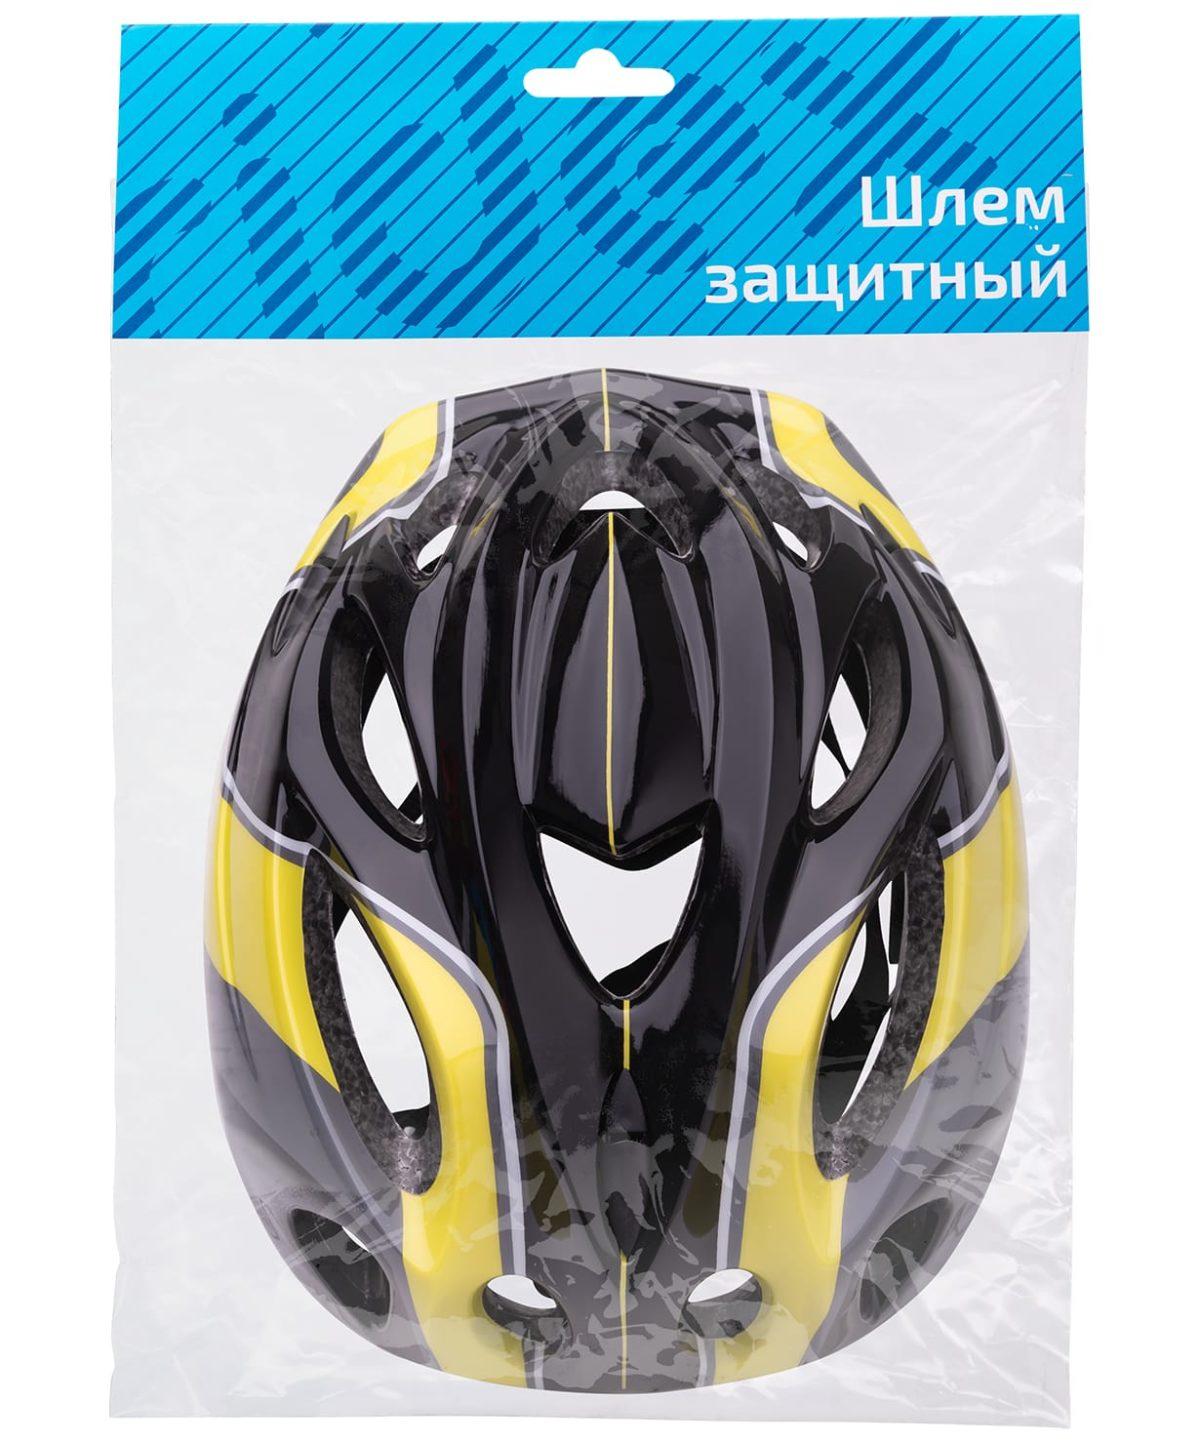 RIDEX Шлем защитный Enyy: жёлтый - 3